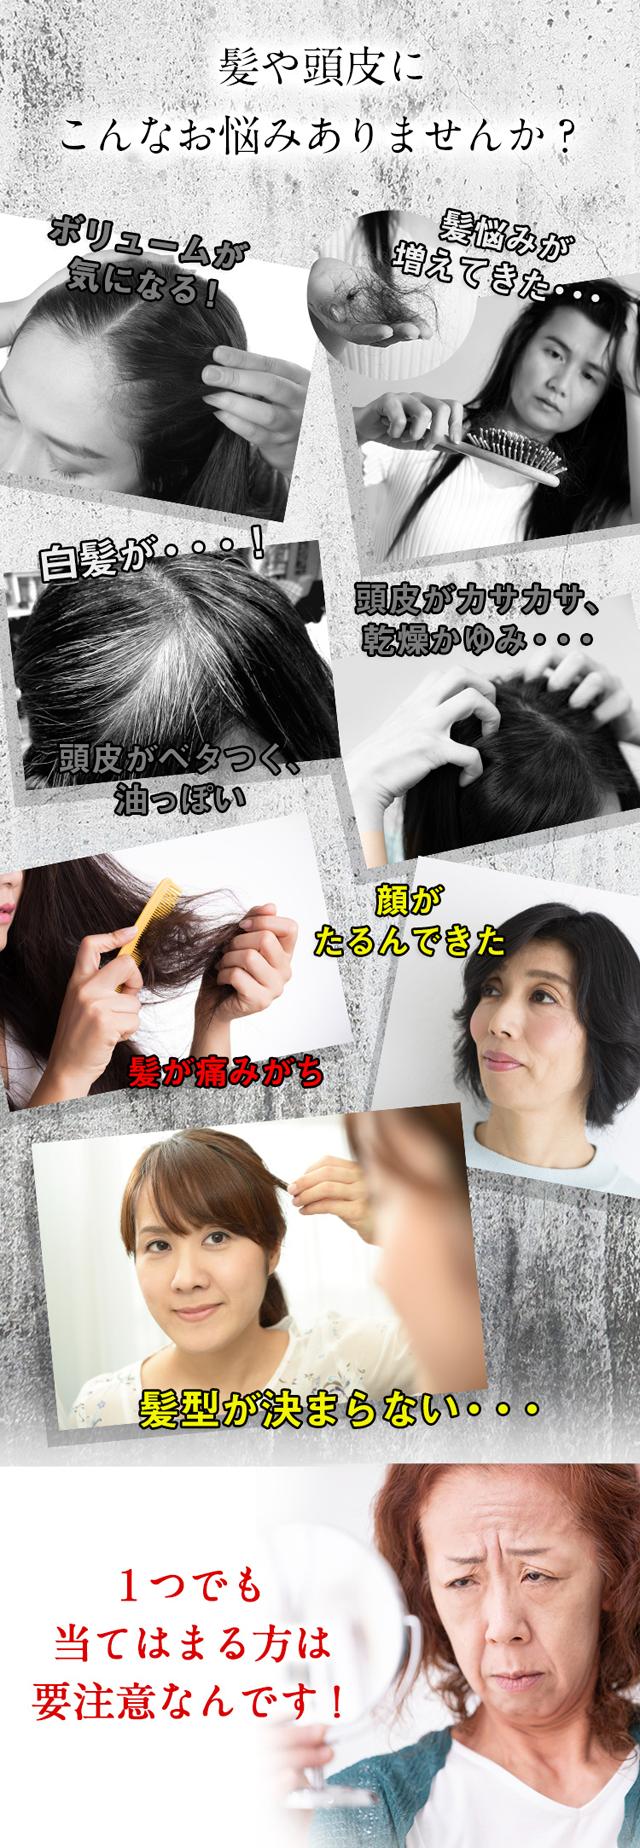 shimaboshi(シマボシ) ヘアエッセンス,効果なし,評判,口コミ